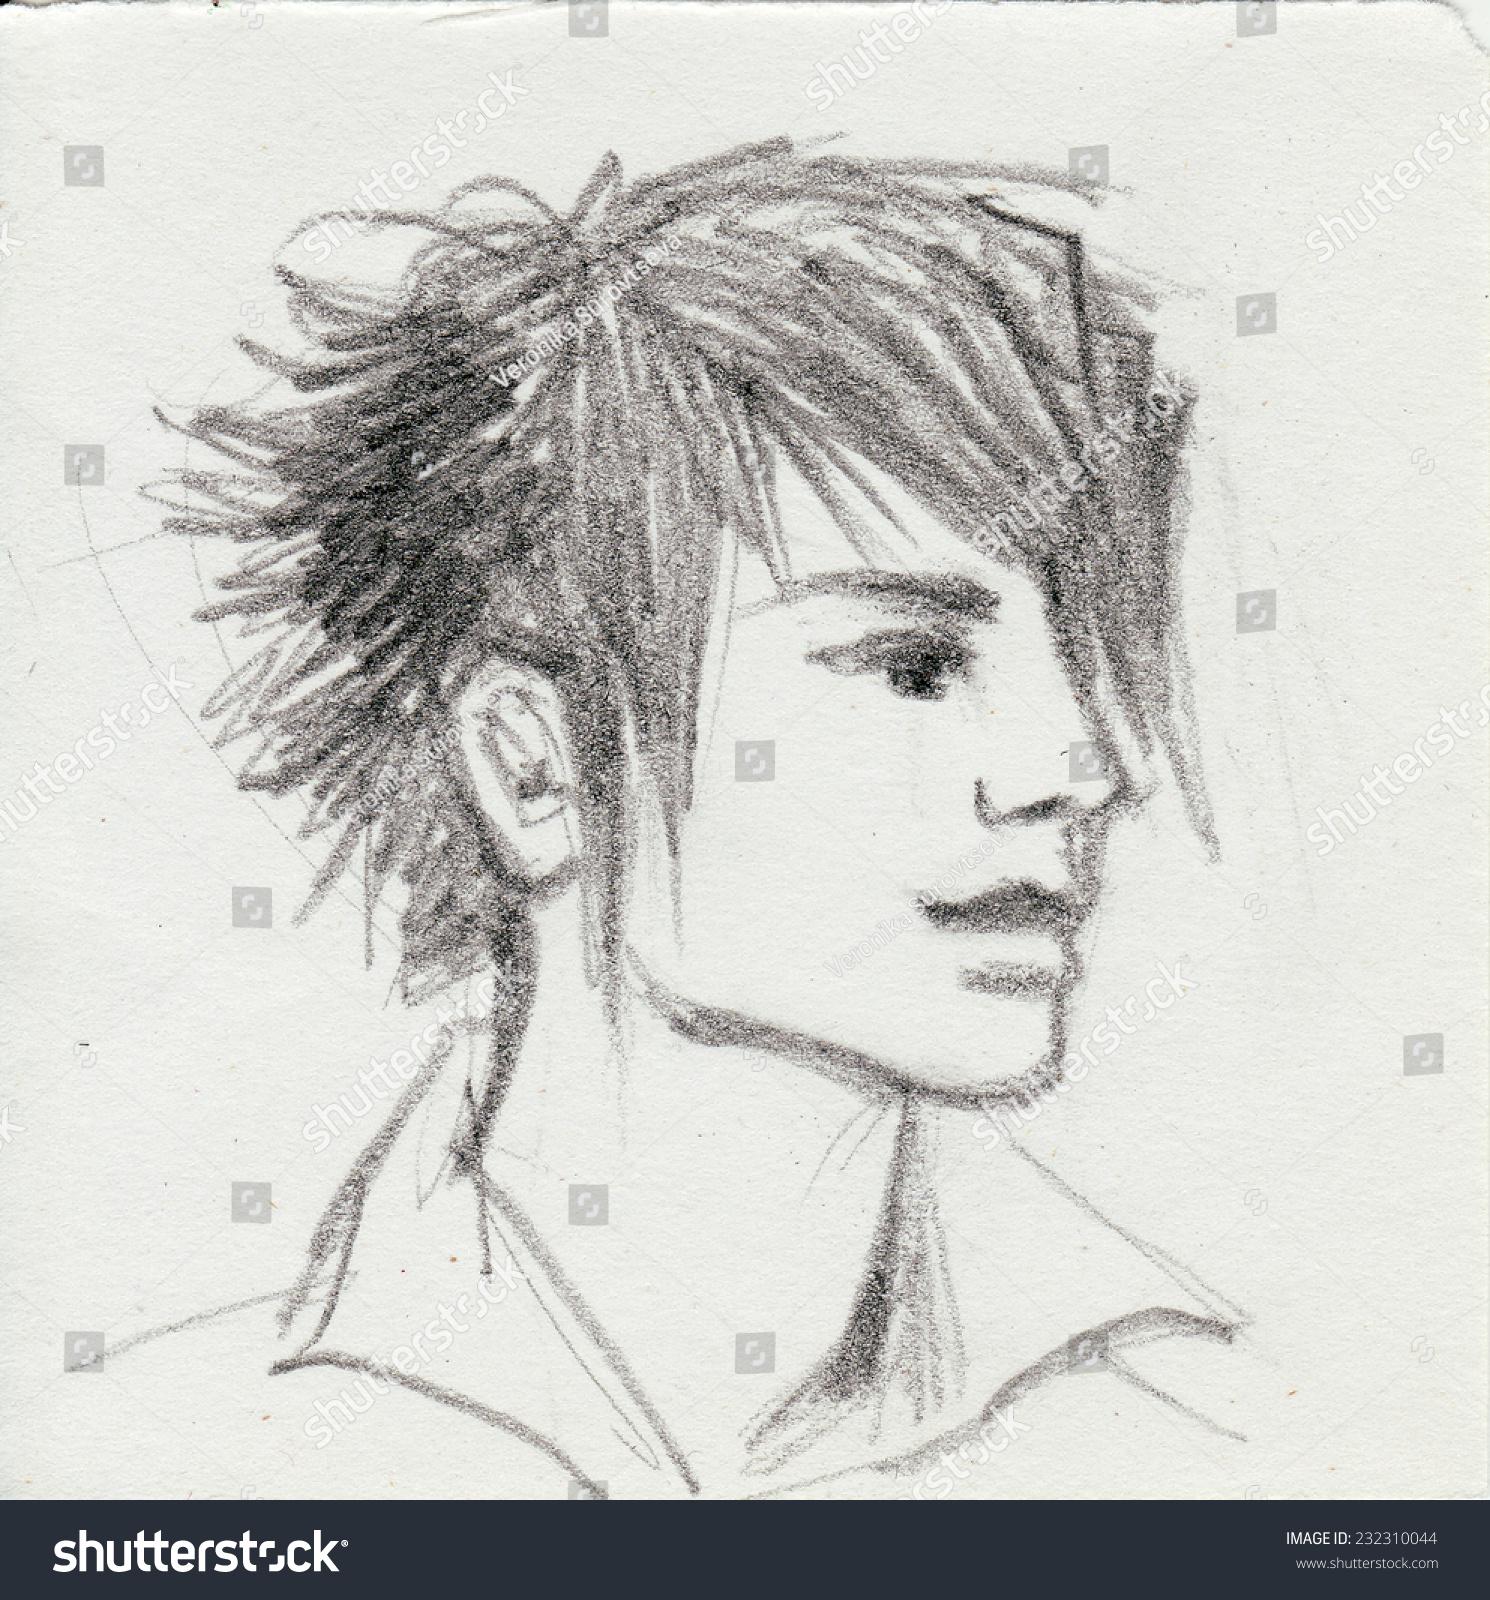 Three quarter view of an emo boy head original pencil sketch